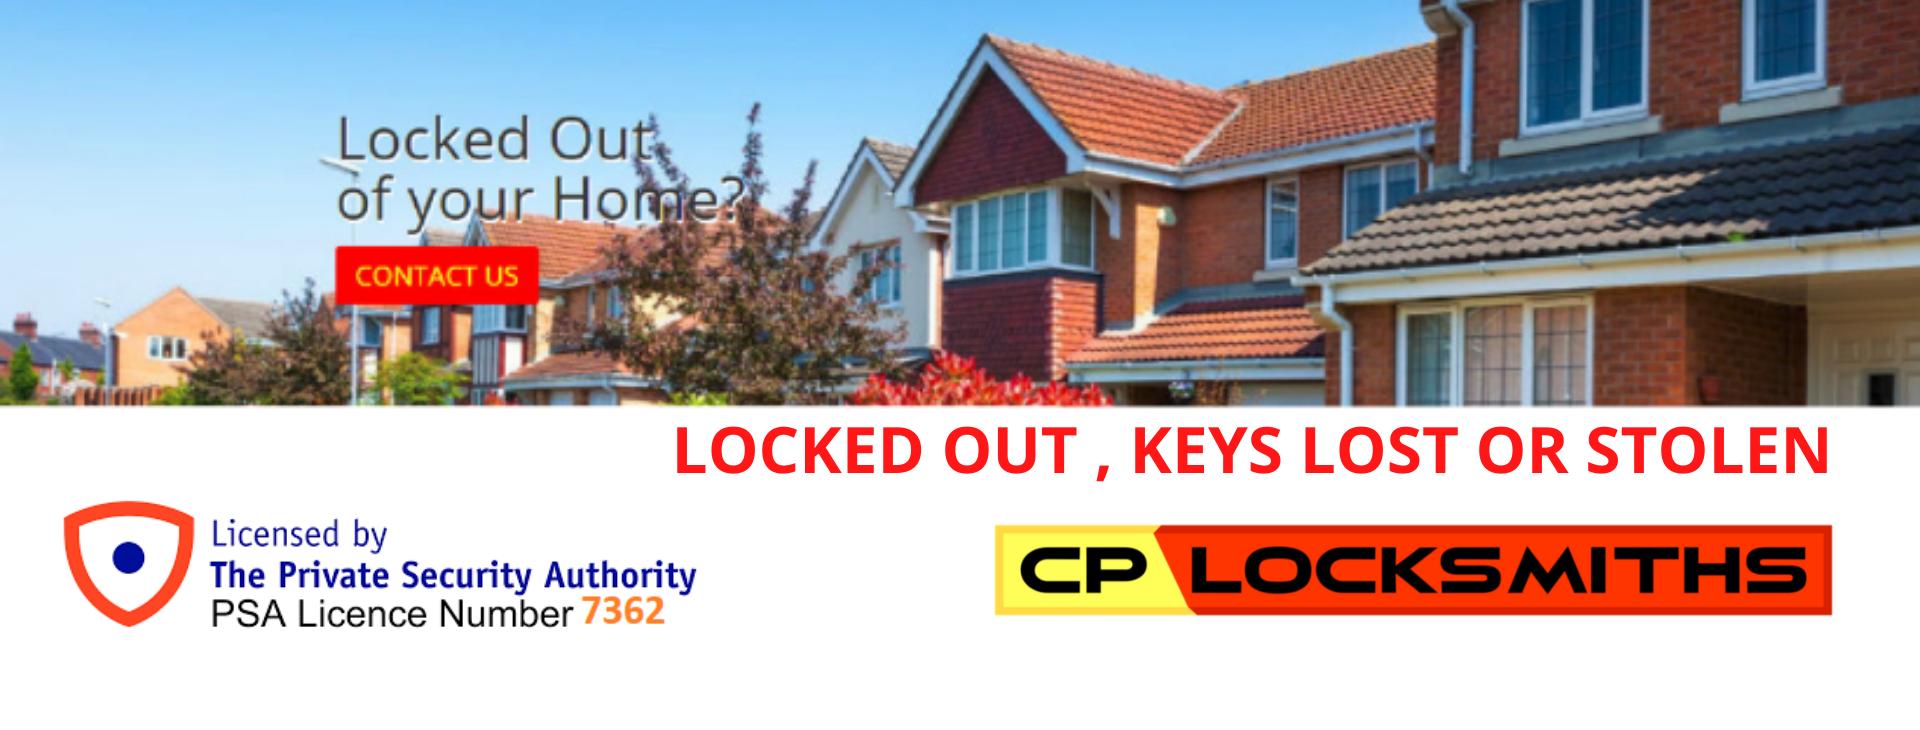 Emergency Locksmith in Dublin 3 Clontarf